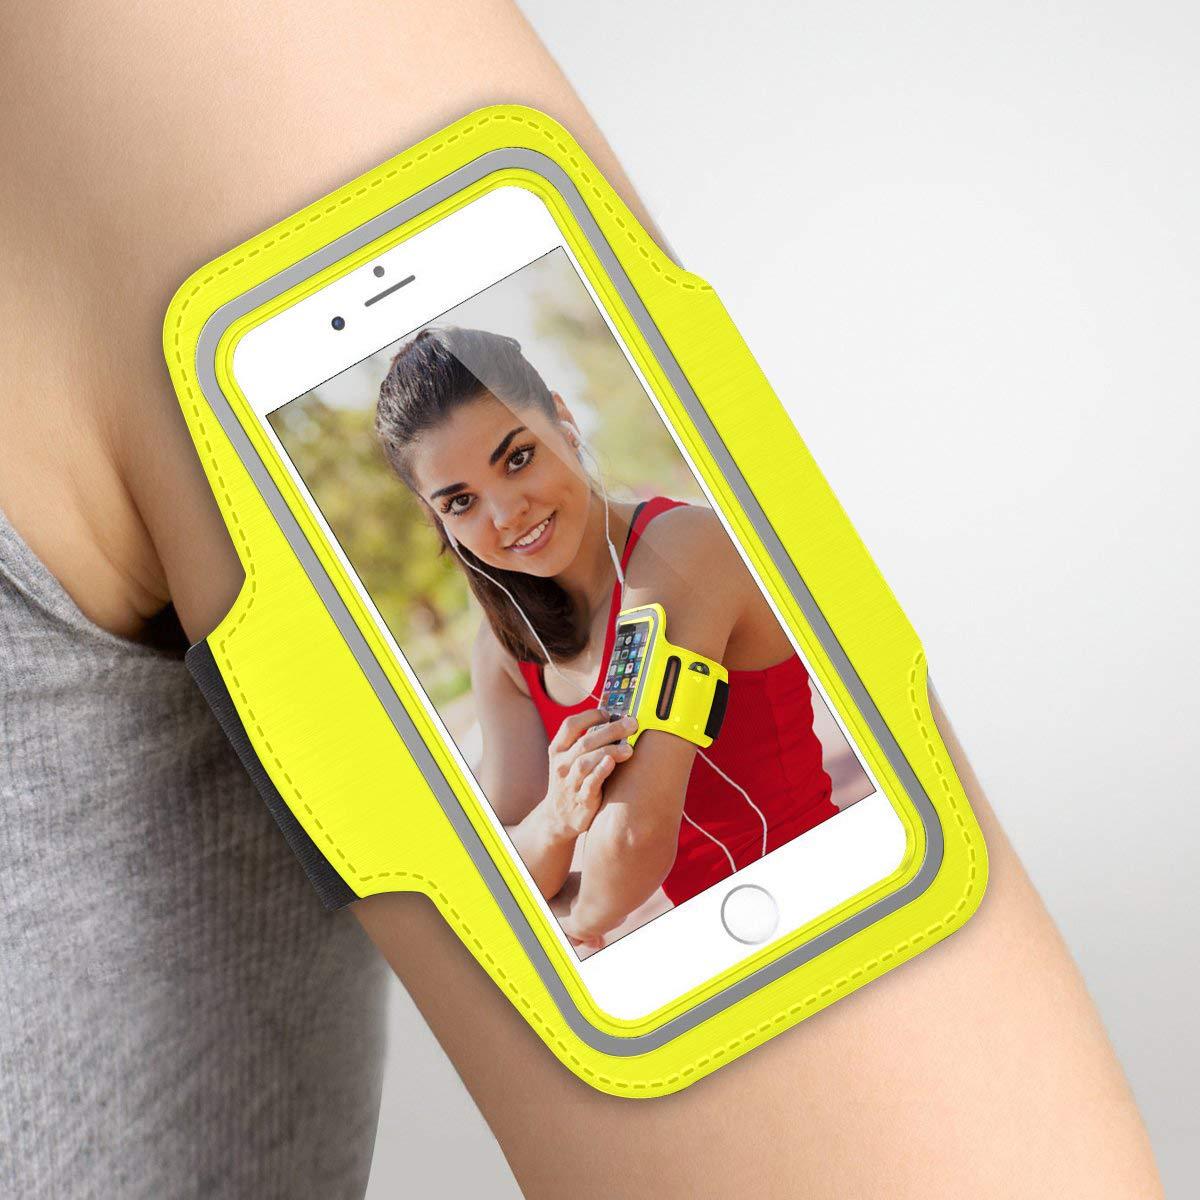 Giallo Fascia da braccio sportiva Samsung Galaxy Note 8 in neoprene anti-scivolo anti-sudore con tasca per le chiavi cavi carte fascia da braccio Samsung Note 8 fascia braccio Samsung Note 8